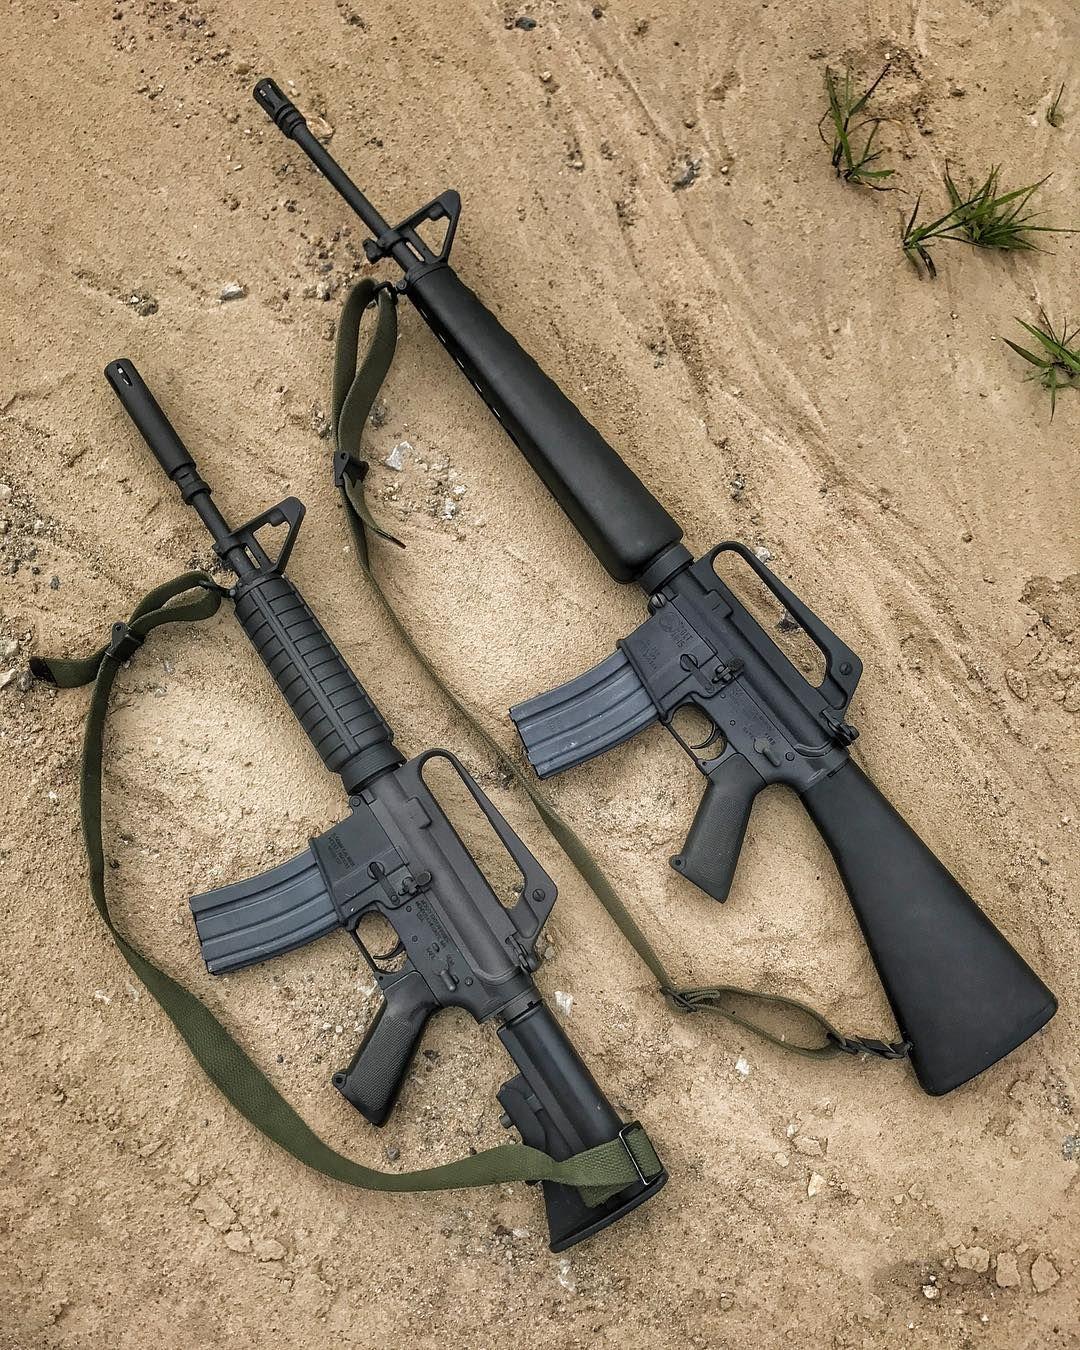 Comparison M-16 And The M-177 Commando.